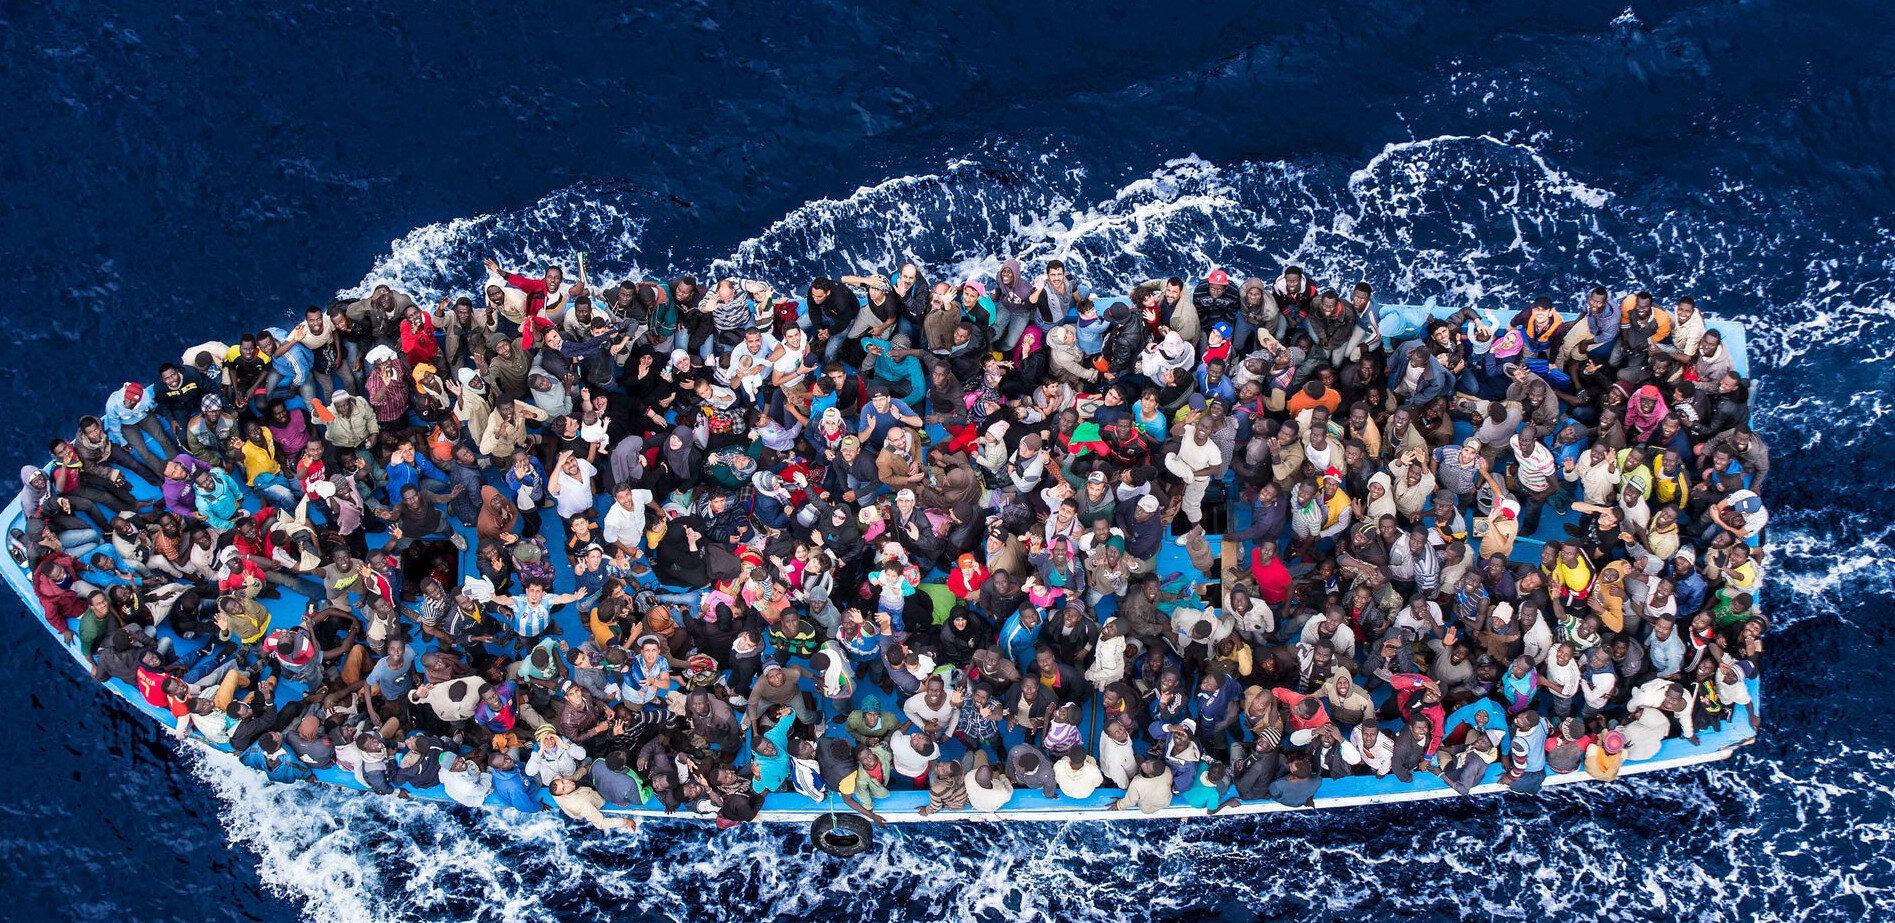 Her geçen gün dünya üzerindeki göçmen sayısı artmasına ve göçmenlerin göç yollarında karşılaştıkları hayati sıkıntılar artmasına rağmen, ABD'nin de içinde olduğu bazı ülkeler güvenlik politikalarına uymadığı gerekçesiyle anlaşmayı imzalamaktan kaçınıyor.